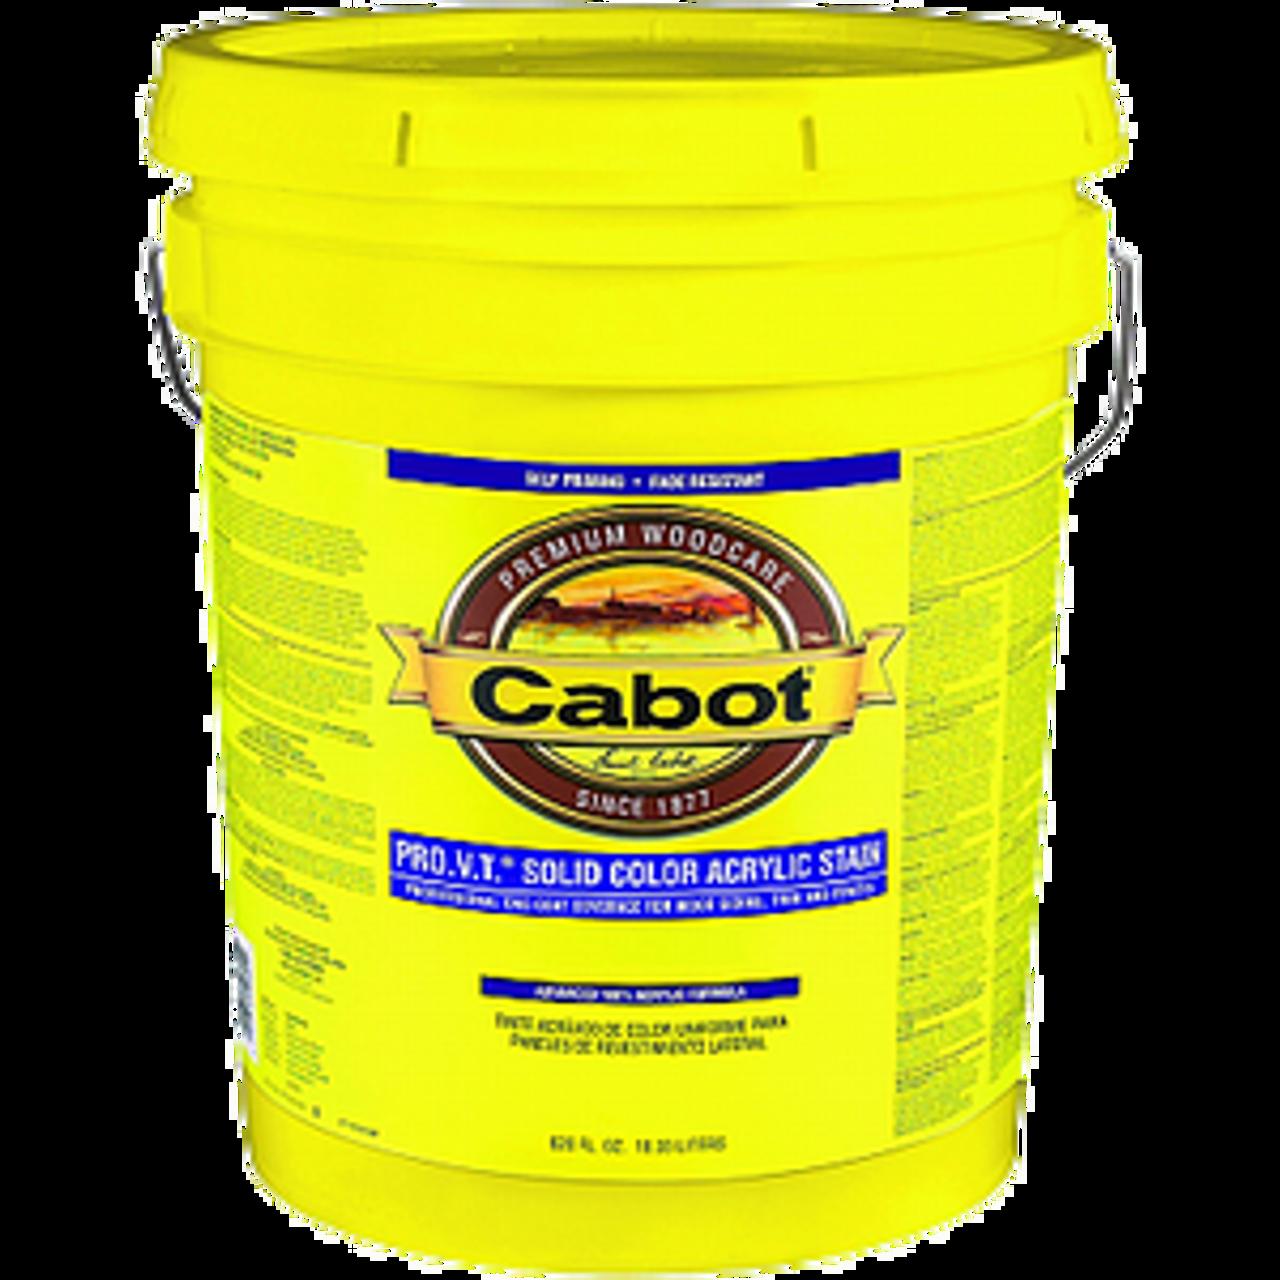 CABOT 0801 5G WHITE BASE PRO V.T. SOLID ACRYLIC